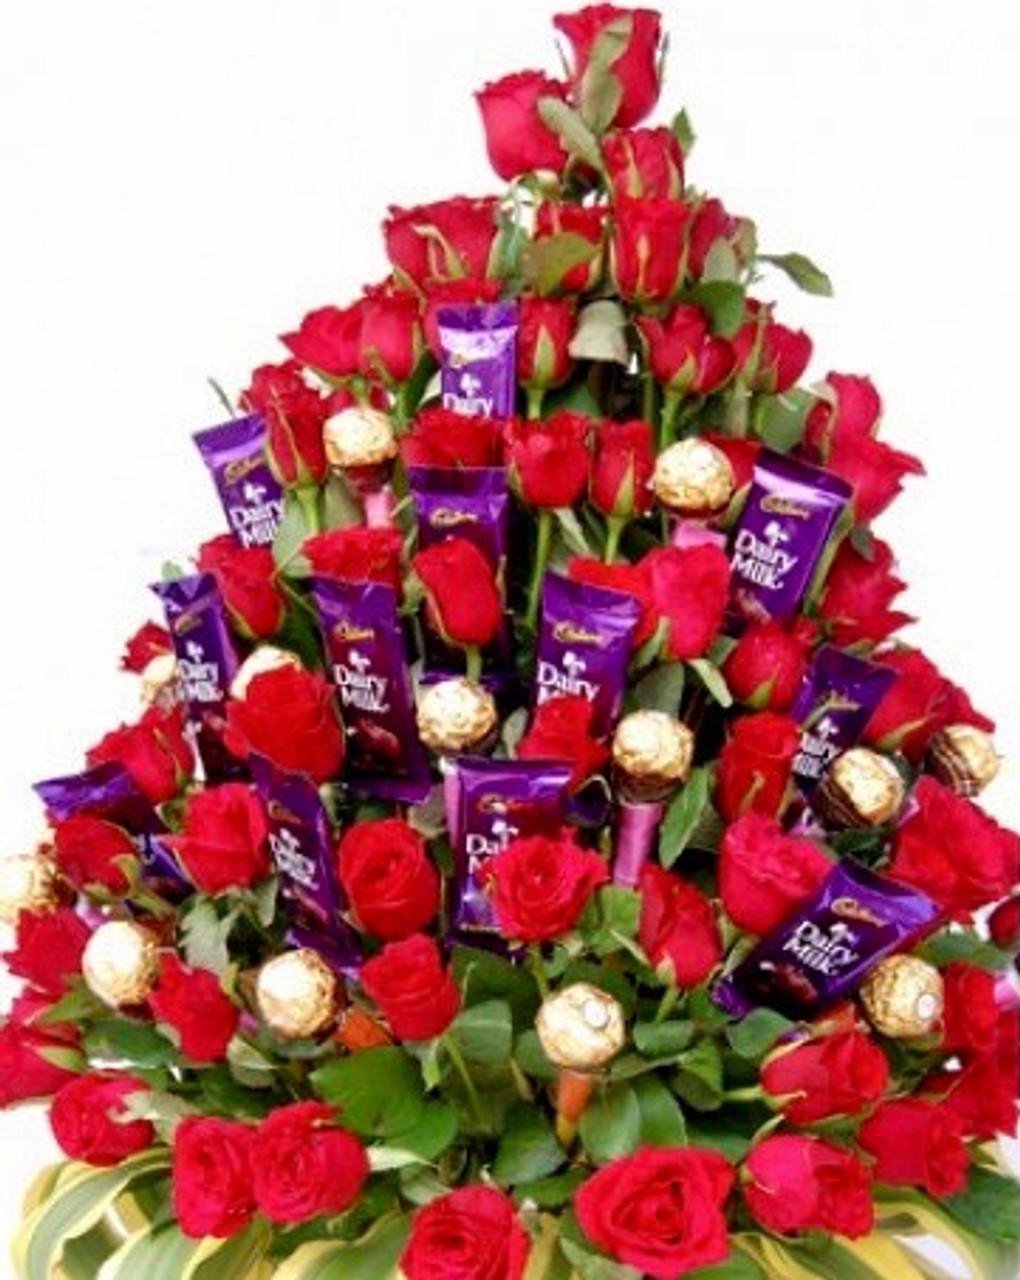 48 Roses Cadbury-Ferrero Bouquet